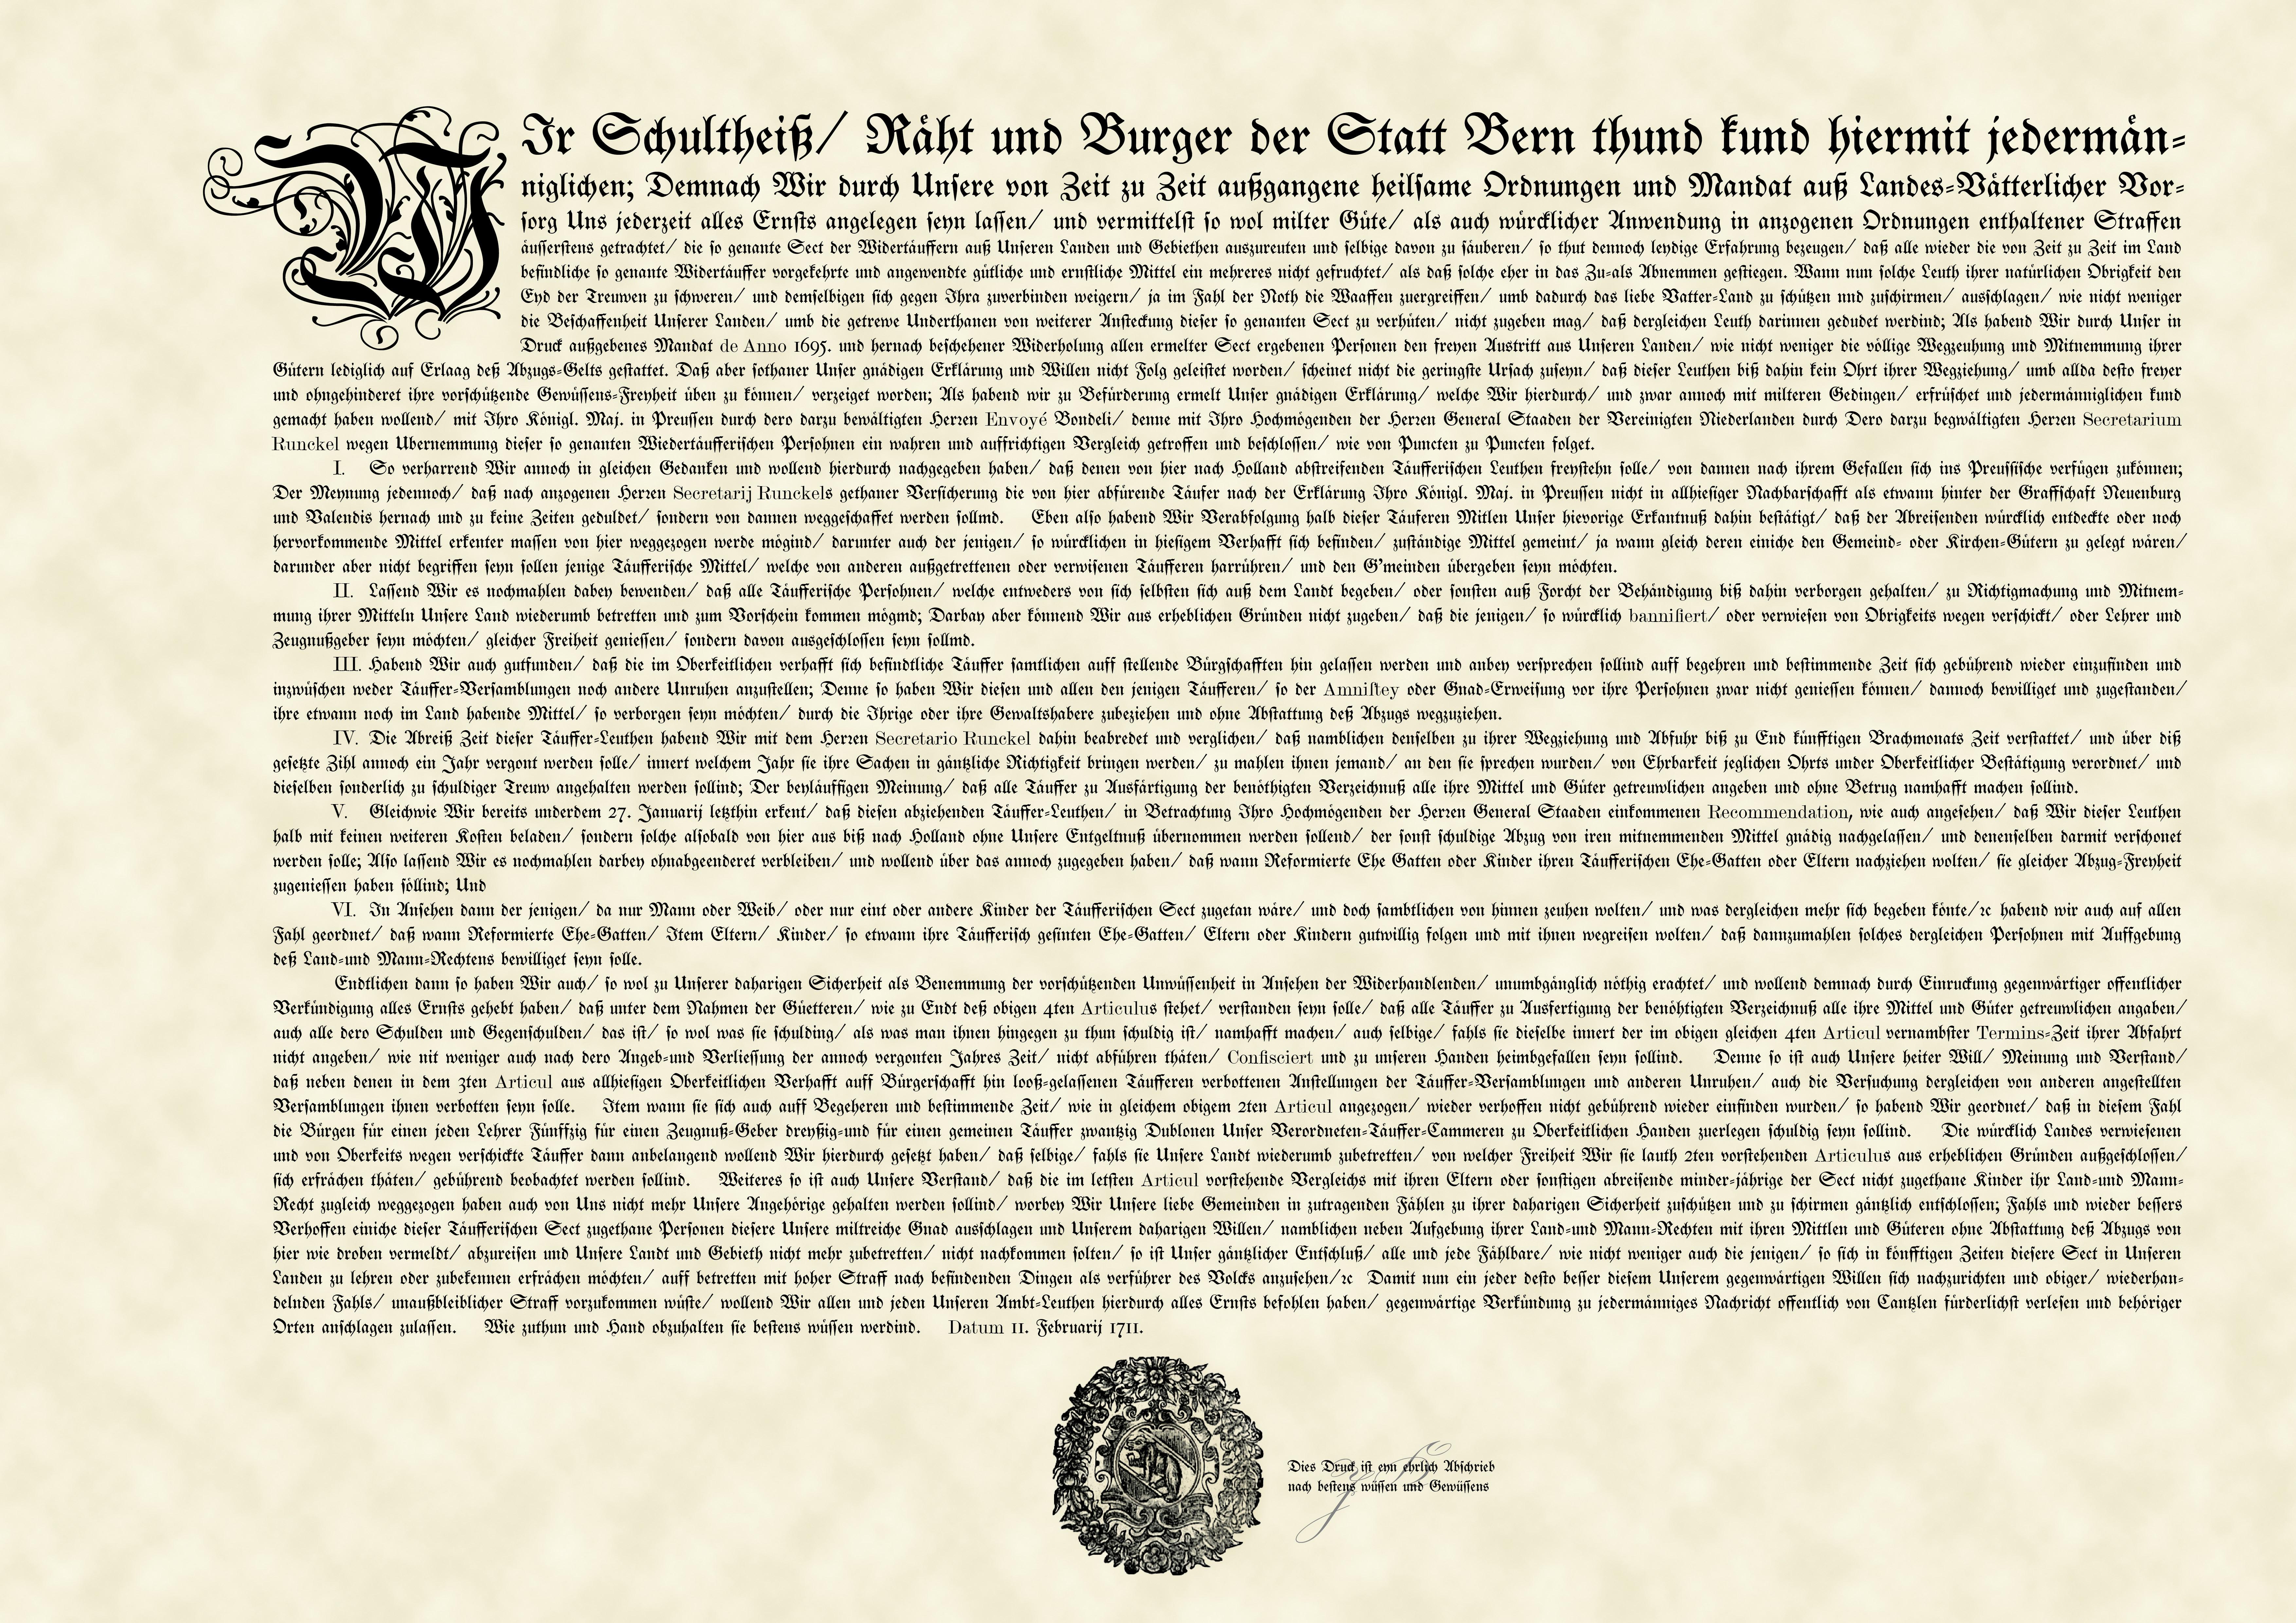 Amnestieplakat von 1711, Wiedertäufer Amnestie, Bern